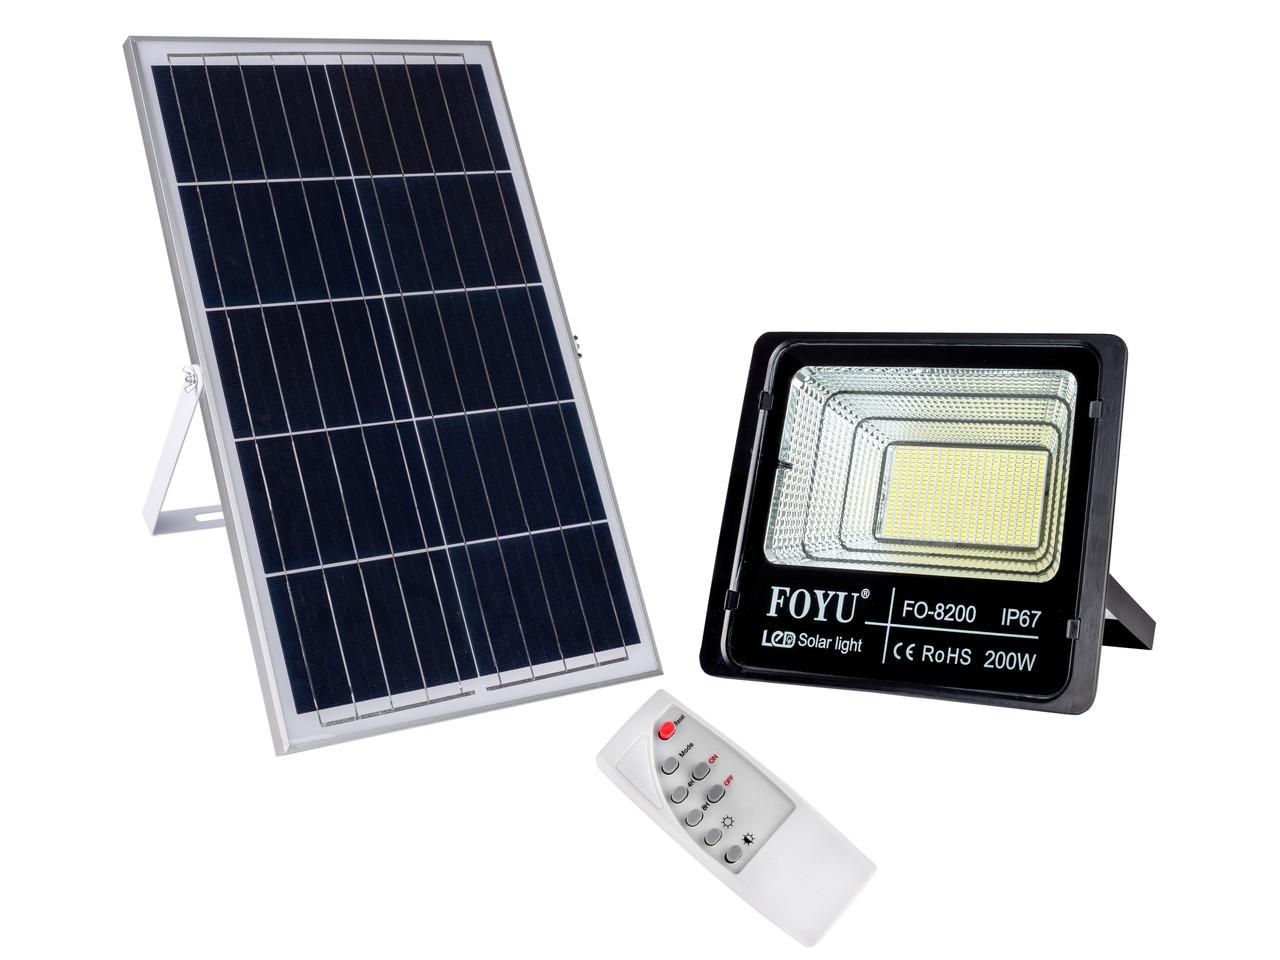 Прожектор на солнечной батарее FOYU 200W Черный (FO-88200)